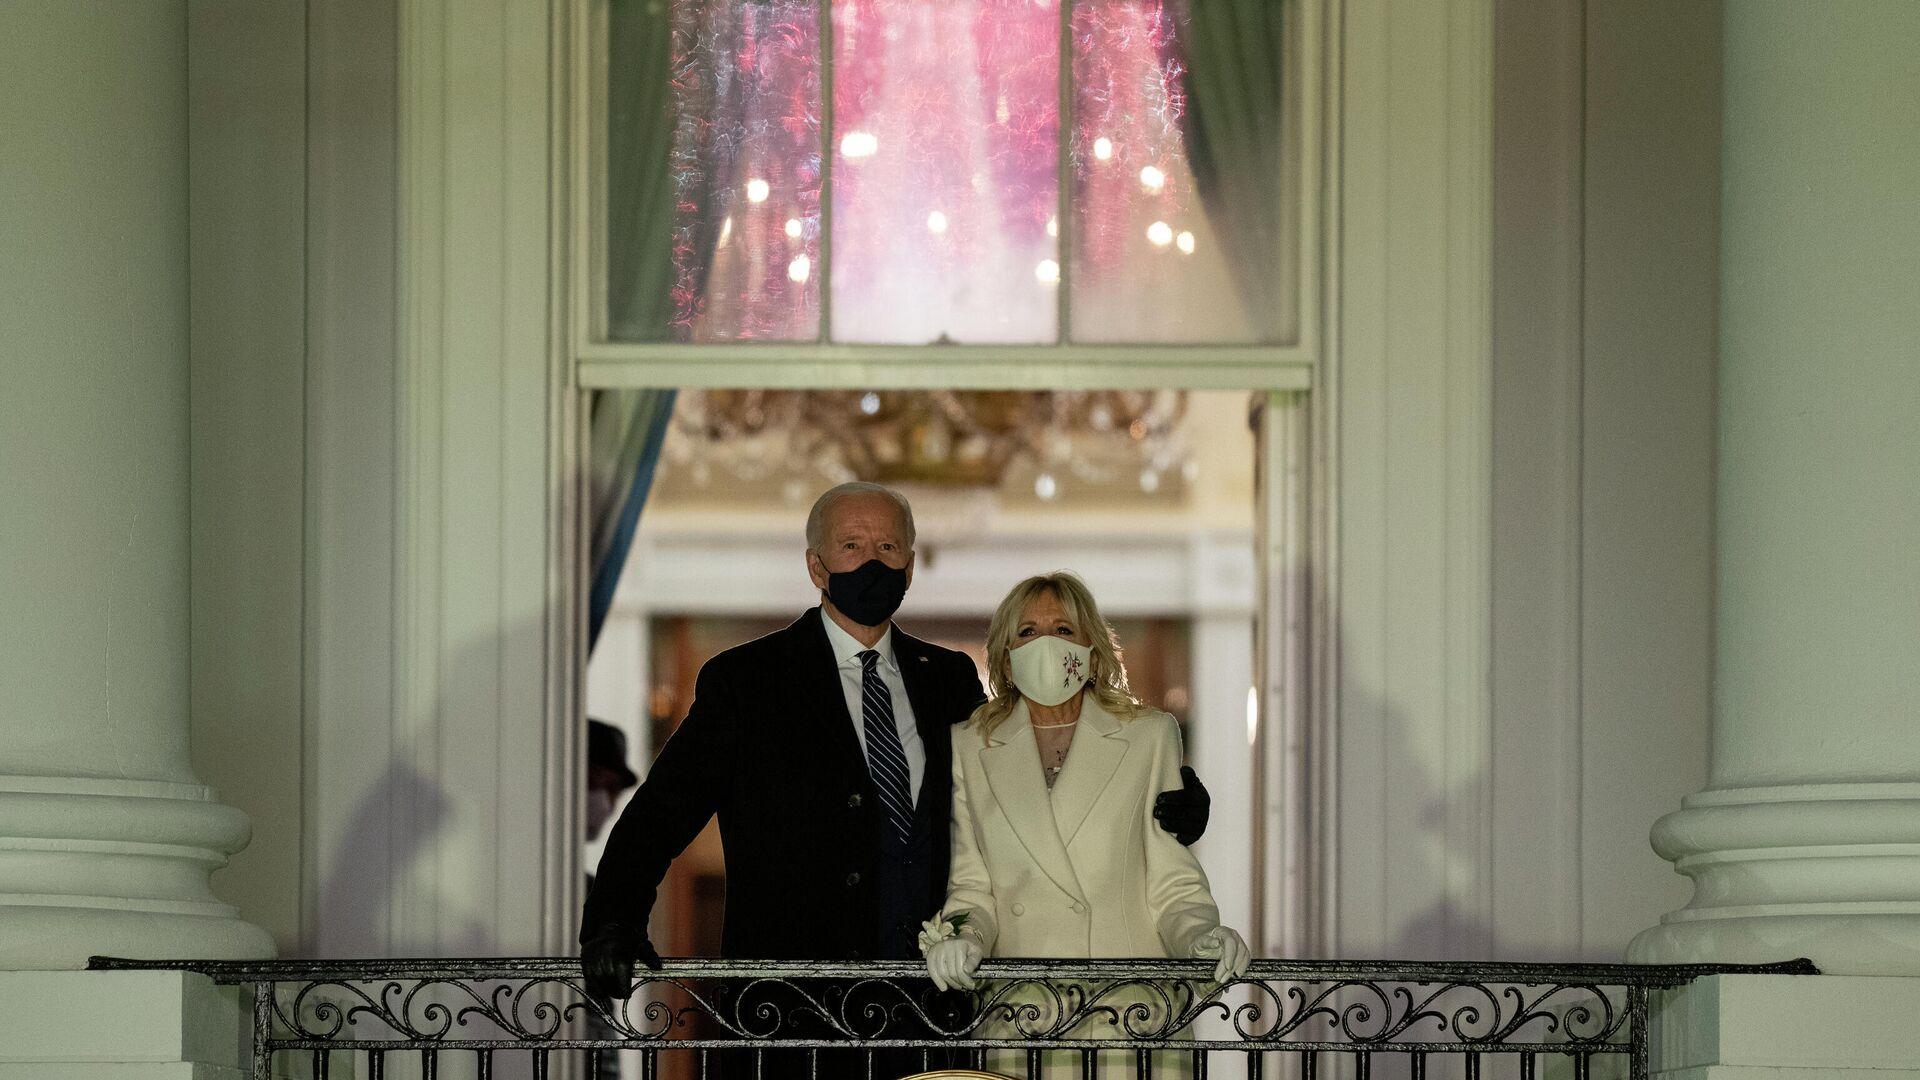 Президент США Джо Байден и первая леди Джилл Байден смотрят фейерверк с балкона Белого дома - РИА Новости, 1920, 21.01.2021